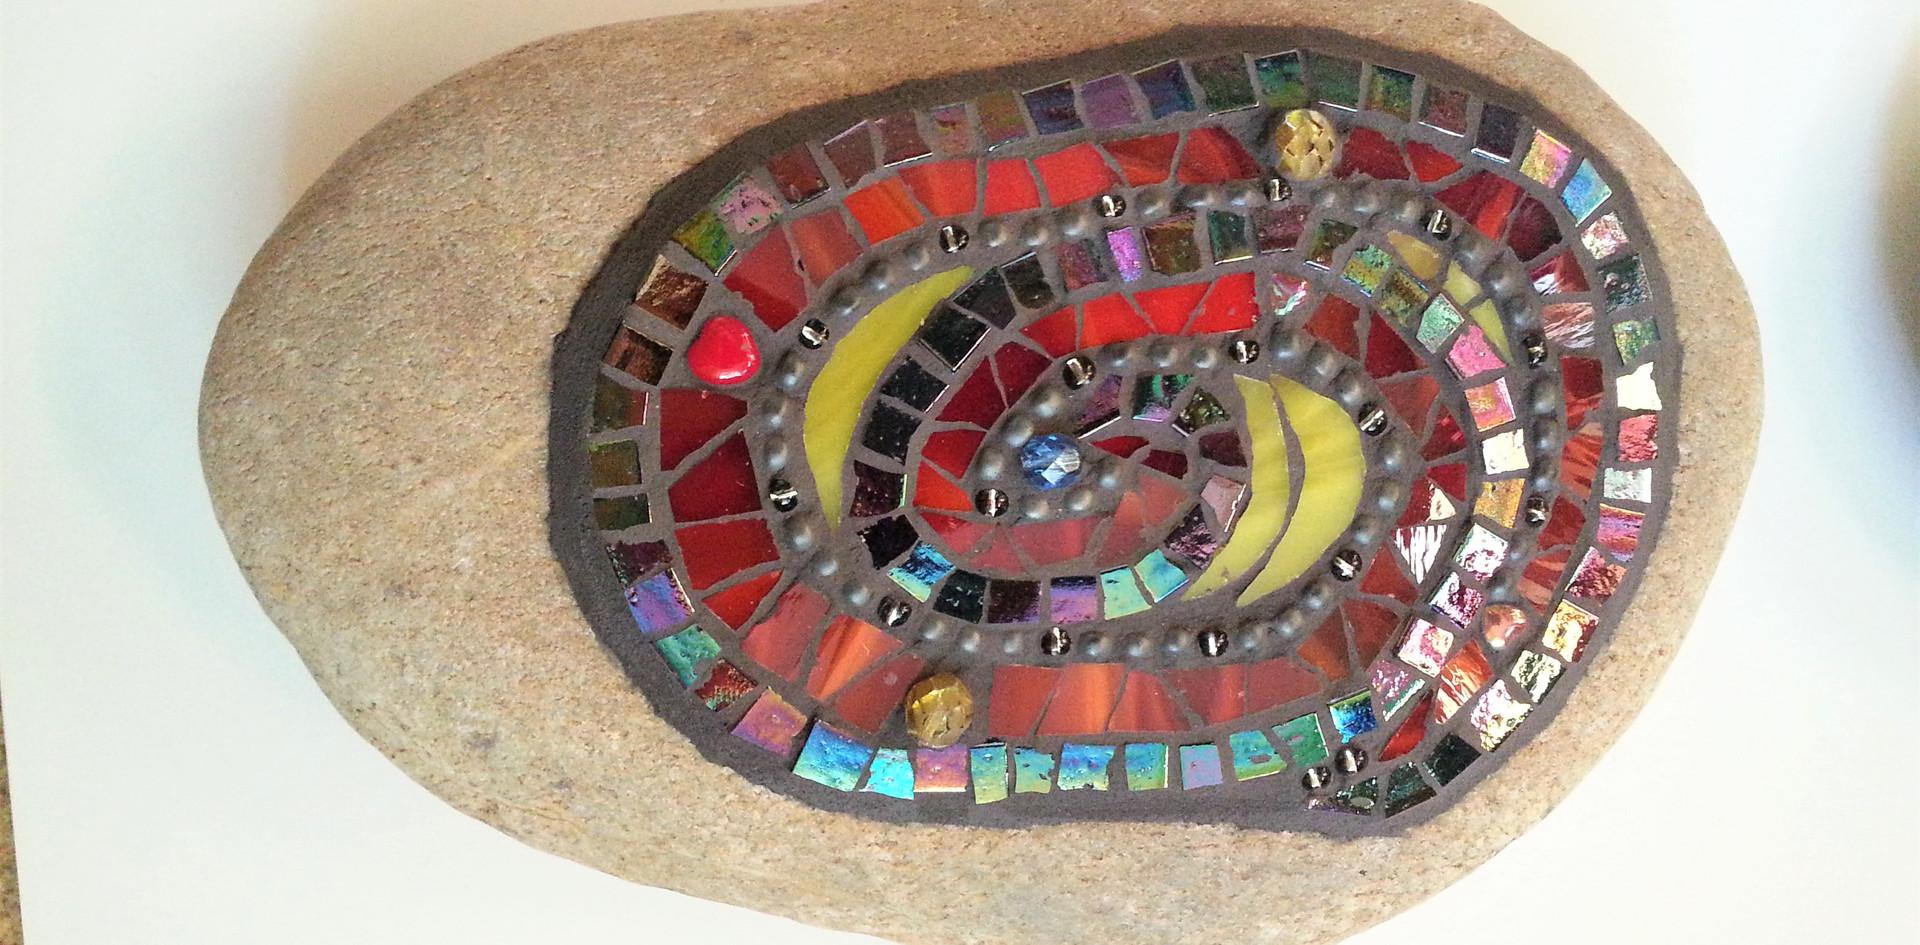 Tiffanyglas auf Stein